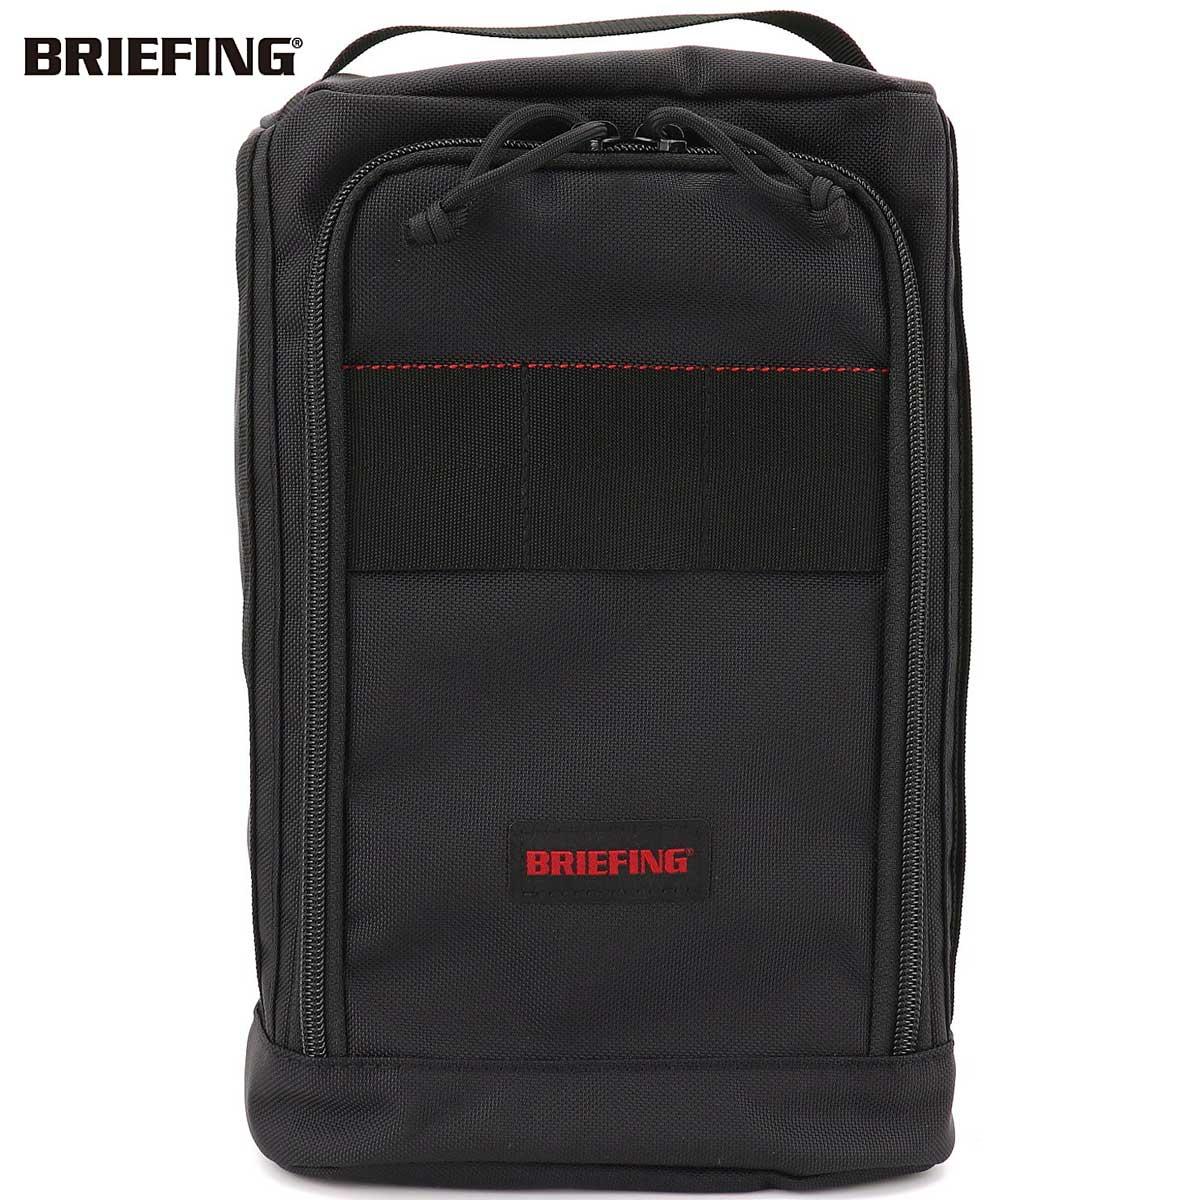 ブリーフィングゴルフ BRIEFING GOLF GARMENT BOX AIR ガーメントボックス PRO SERIES BRG203G19 BRG 010 BLACK(ブラック) 春夏新作